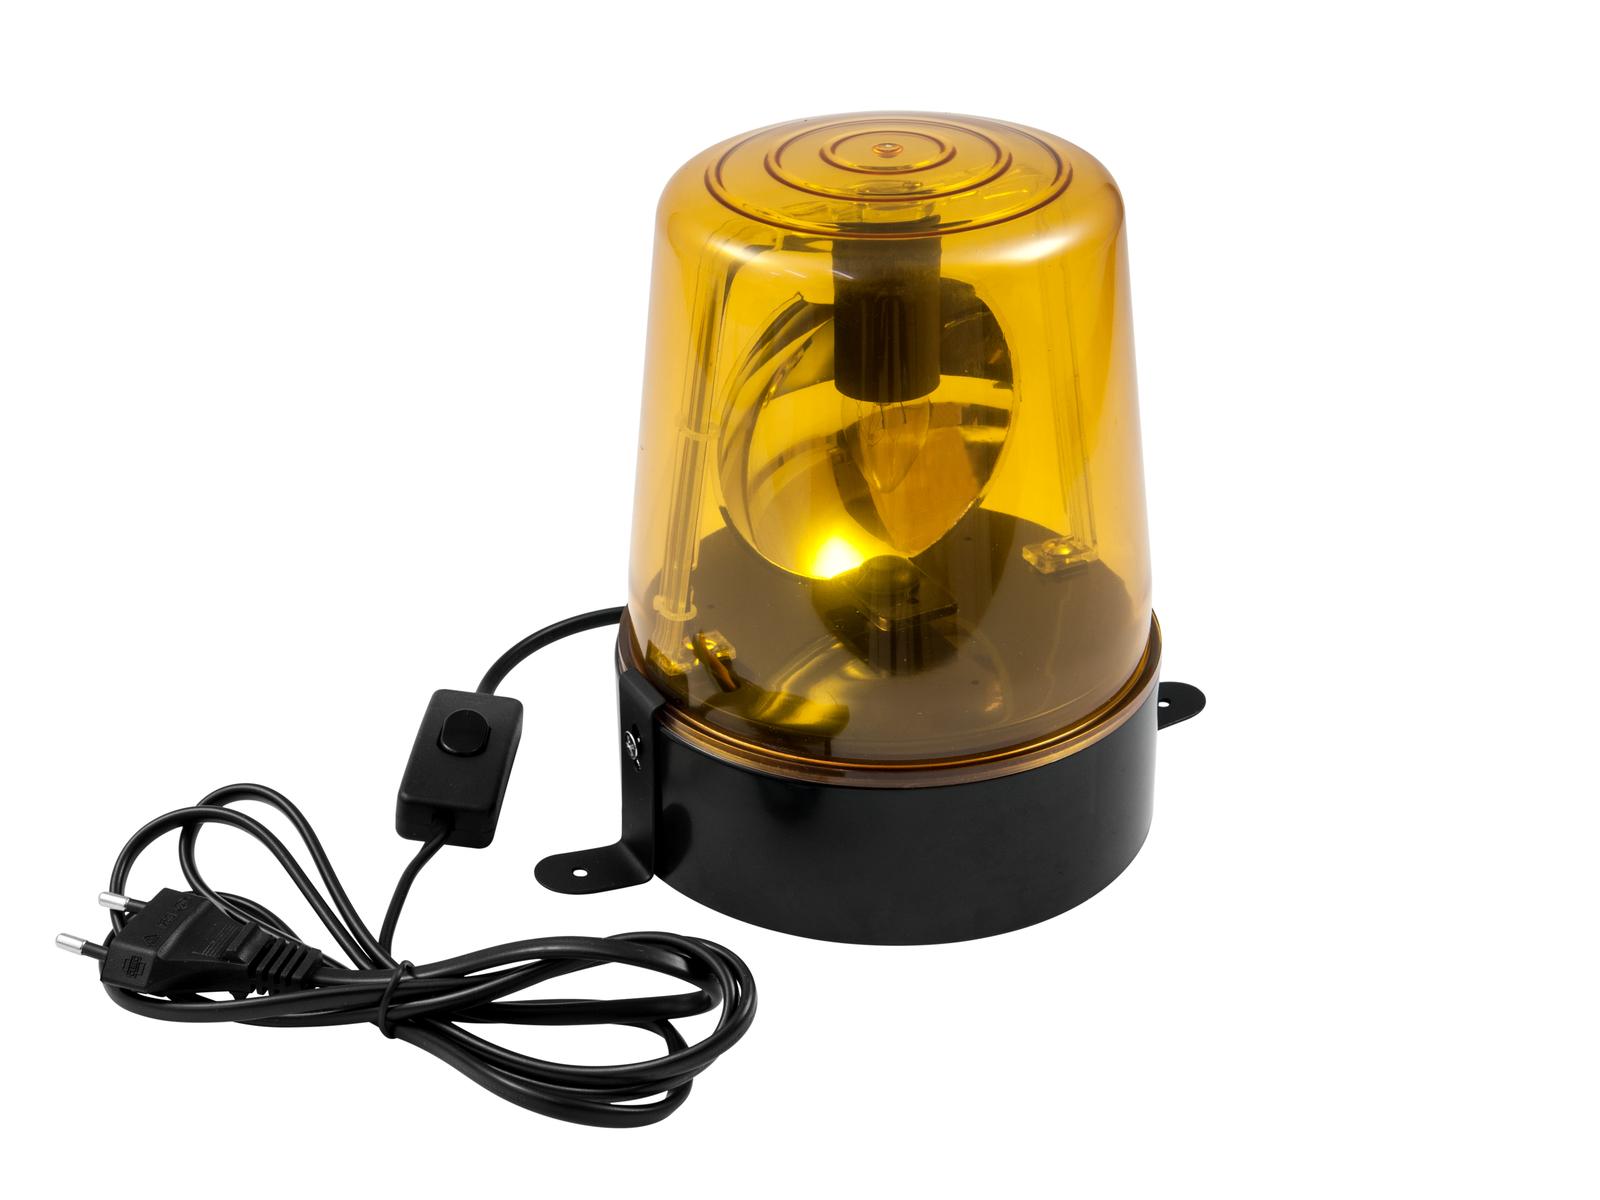 eurolite-led-polizeilicht-de-1-gelb